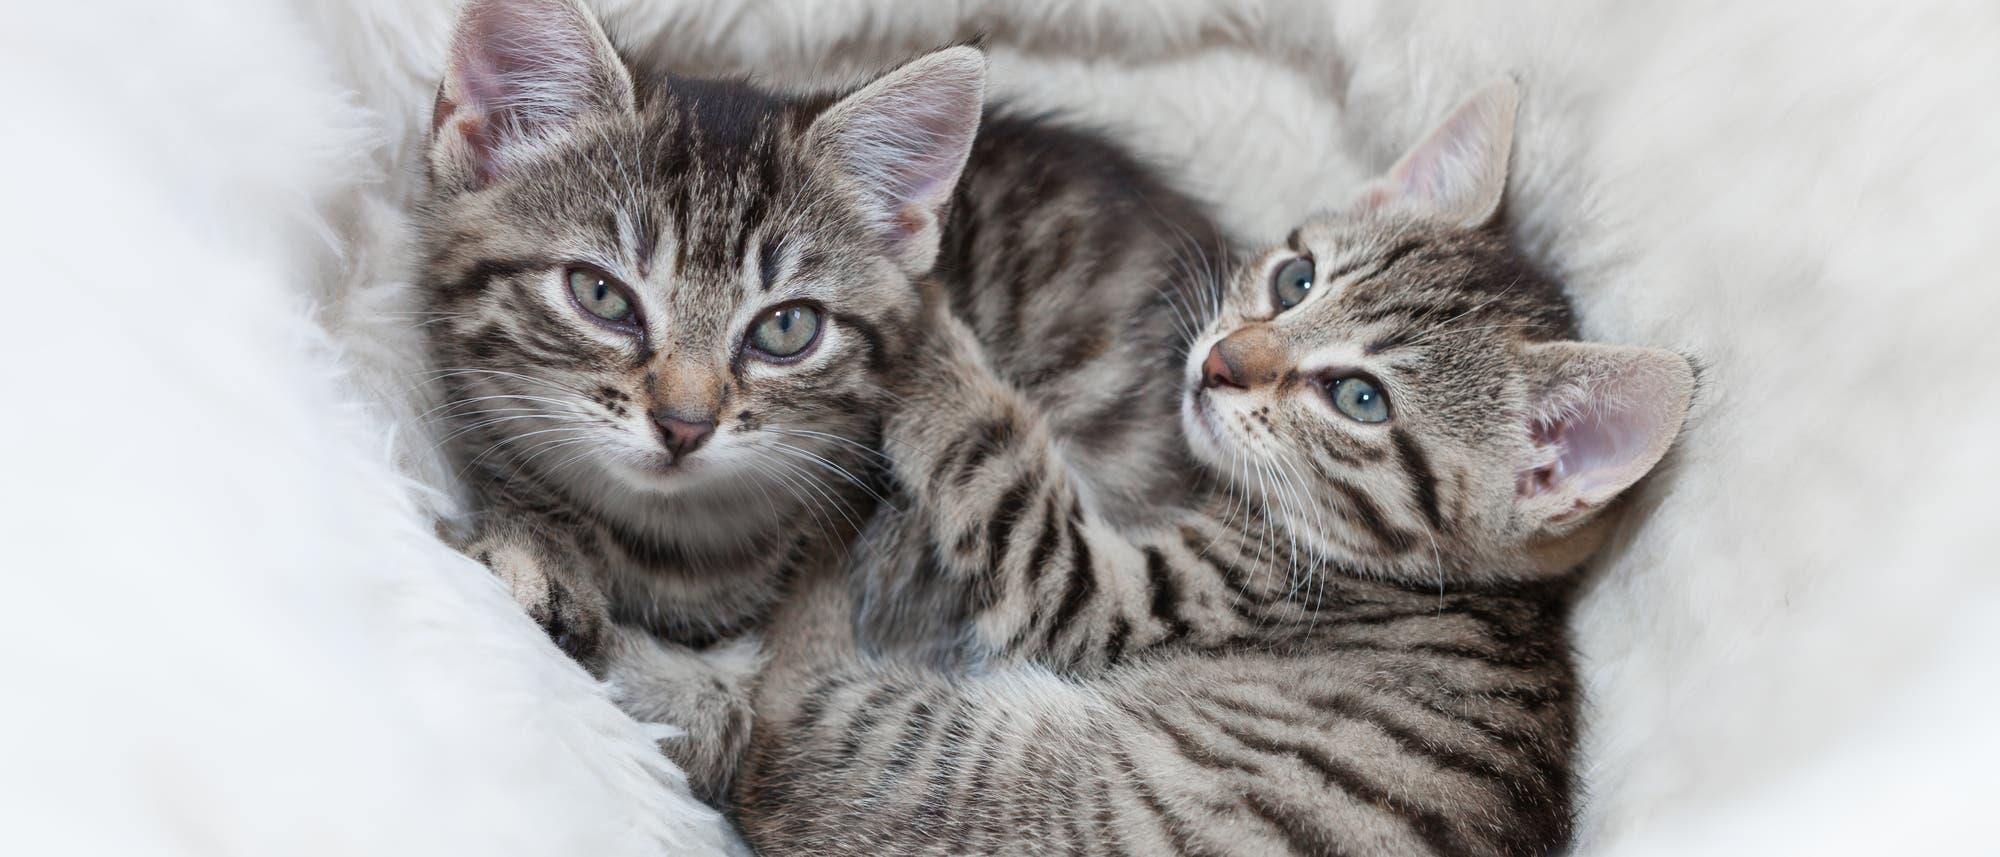 Zwei Babykatzen liegen in einem Korb und gucken erwartungsvoll in die Kamera.